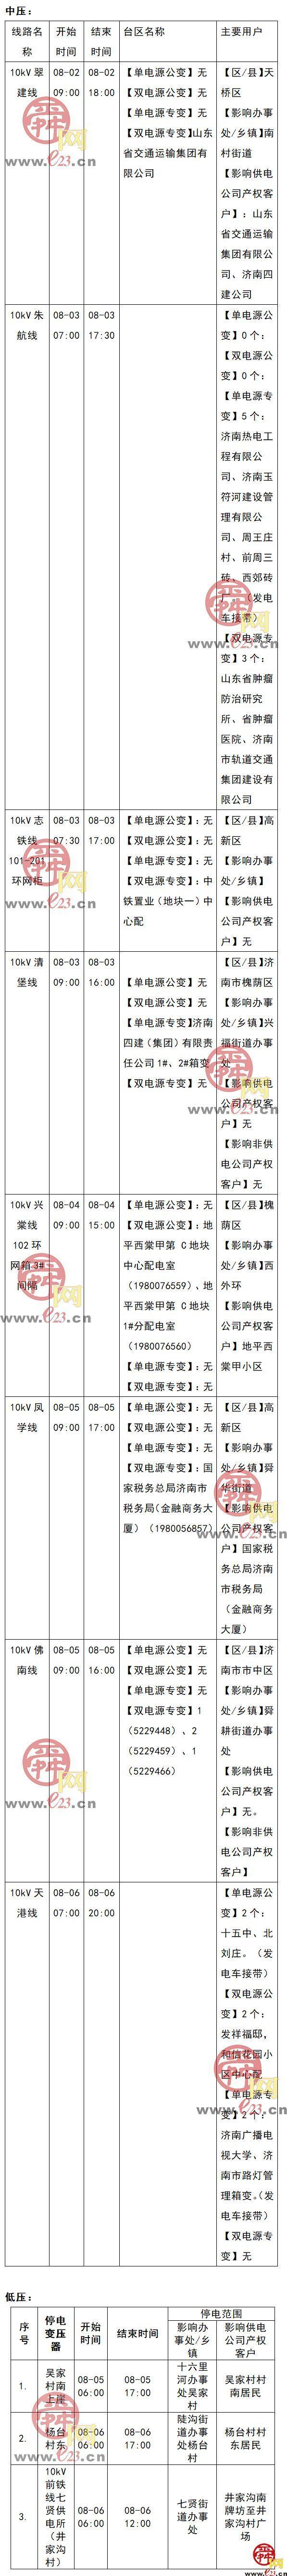 2021年8月2至8月8日济南部分区域电力设备检修通知